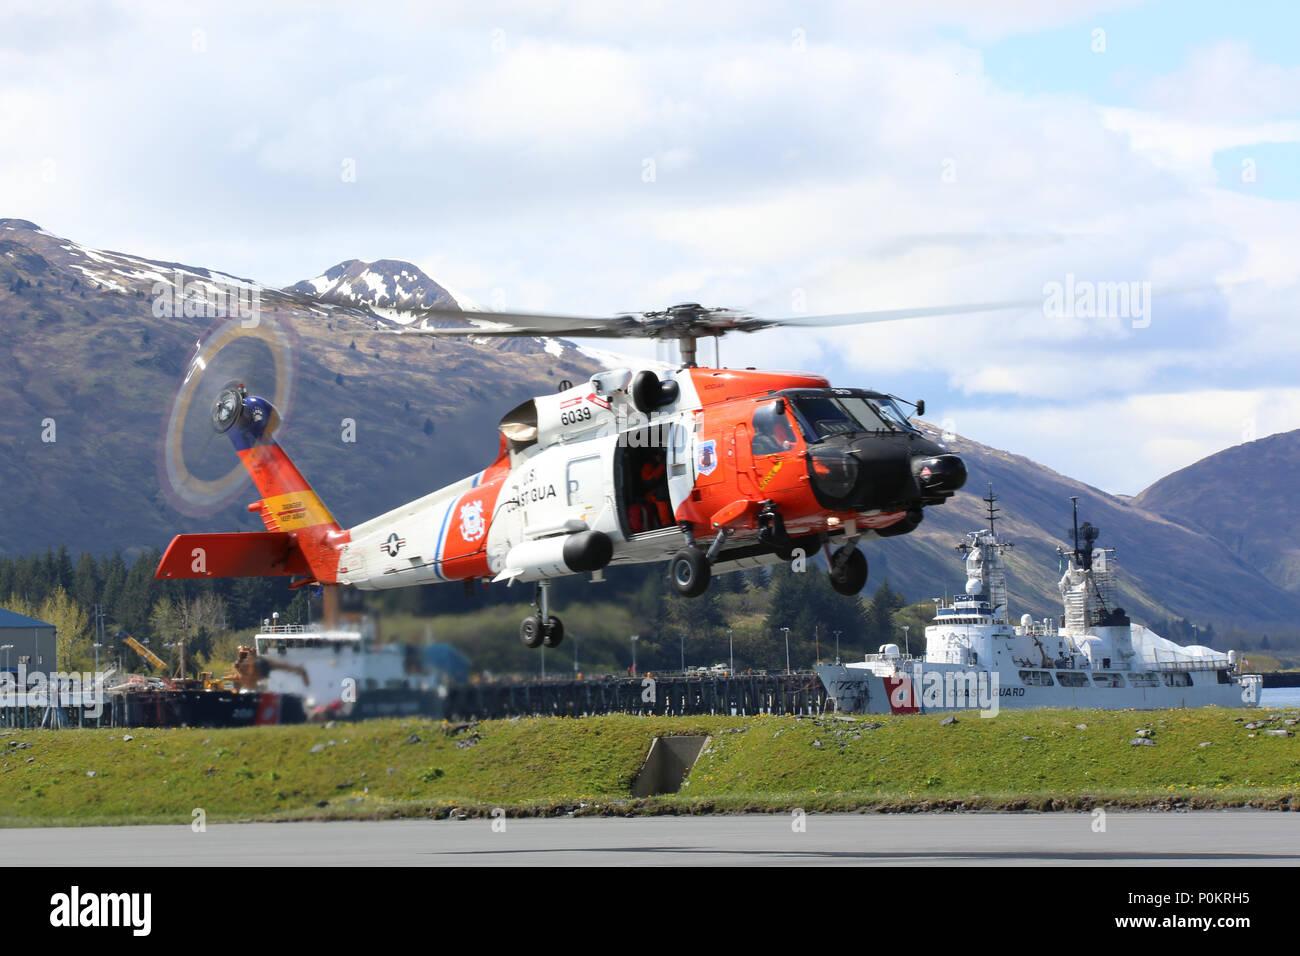 Una guardia costiera Stazione aria Kodiak MH-60 elicottero Jayhawk ...